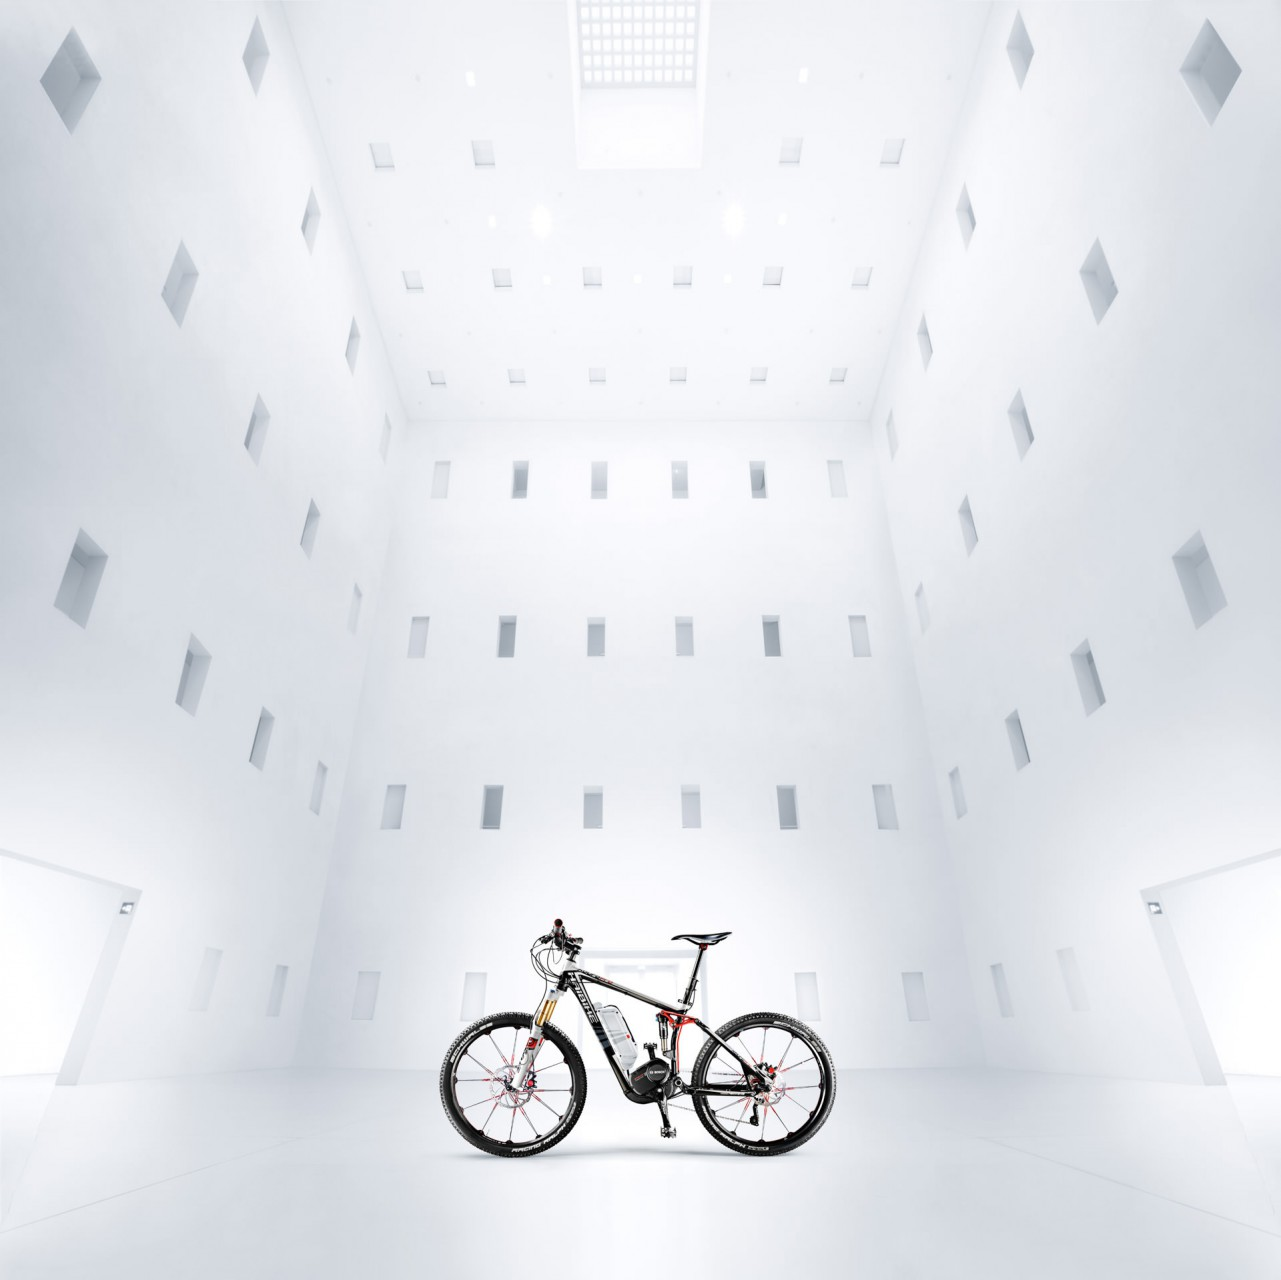 Haibike E-Bike Xduro RX Pro - Motiv 01